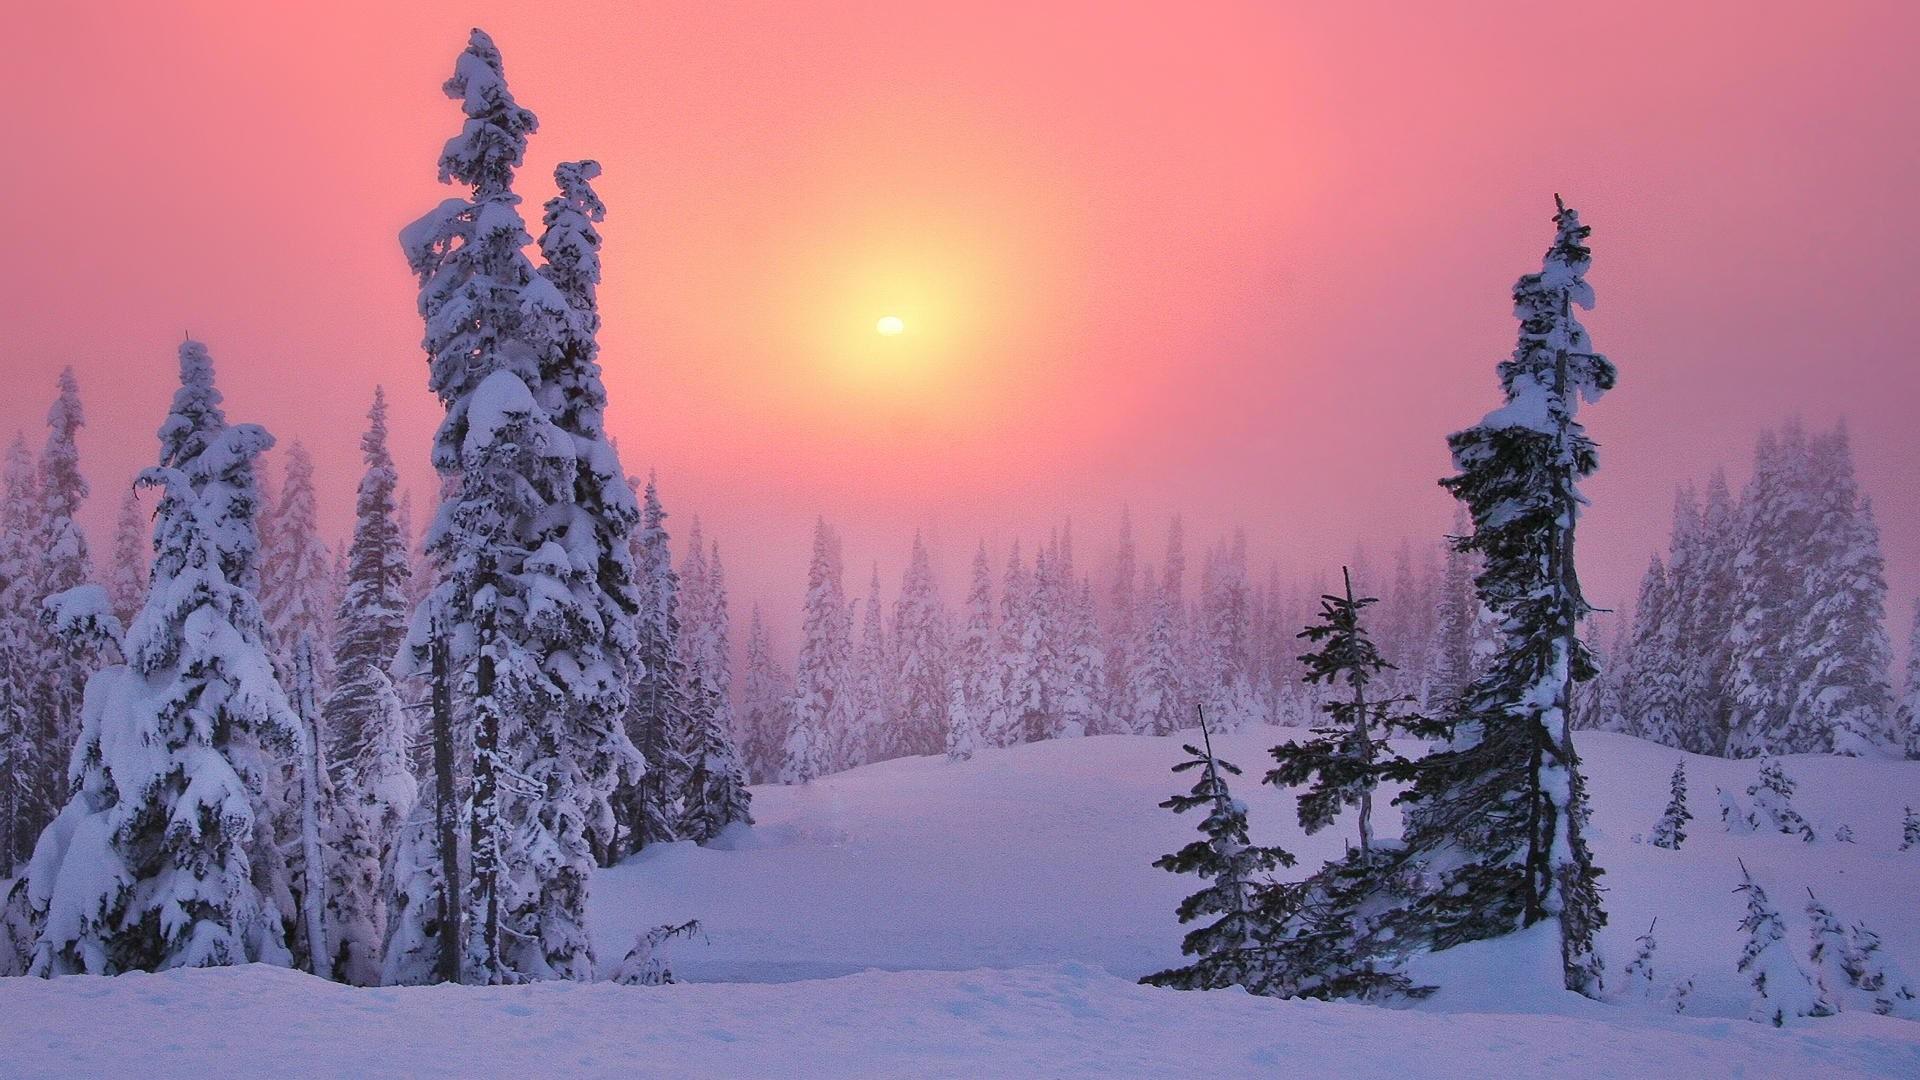 Winter wonderland background 44 images for Sfondi invernali per desktop gratis